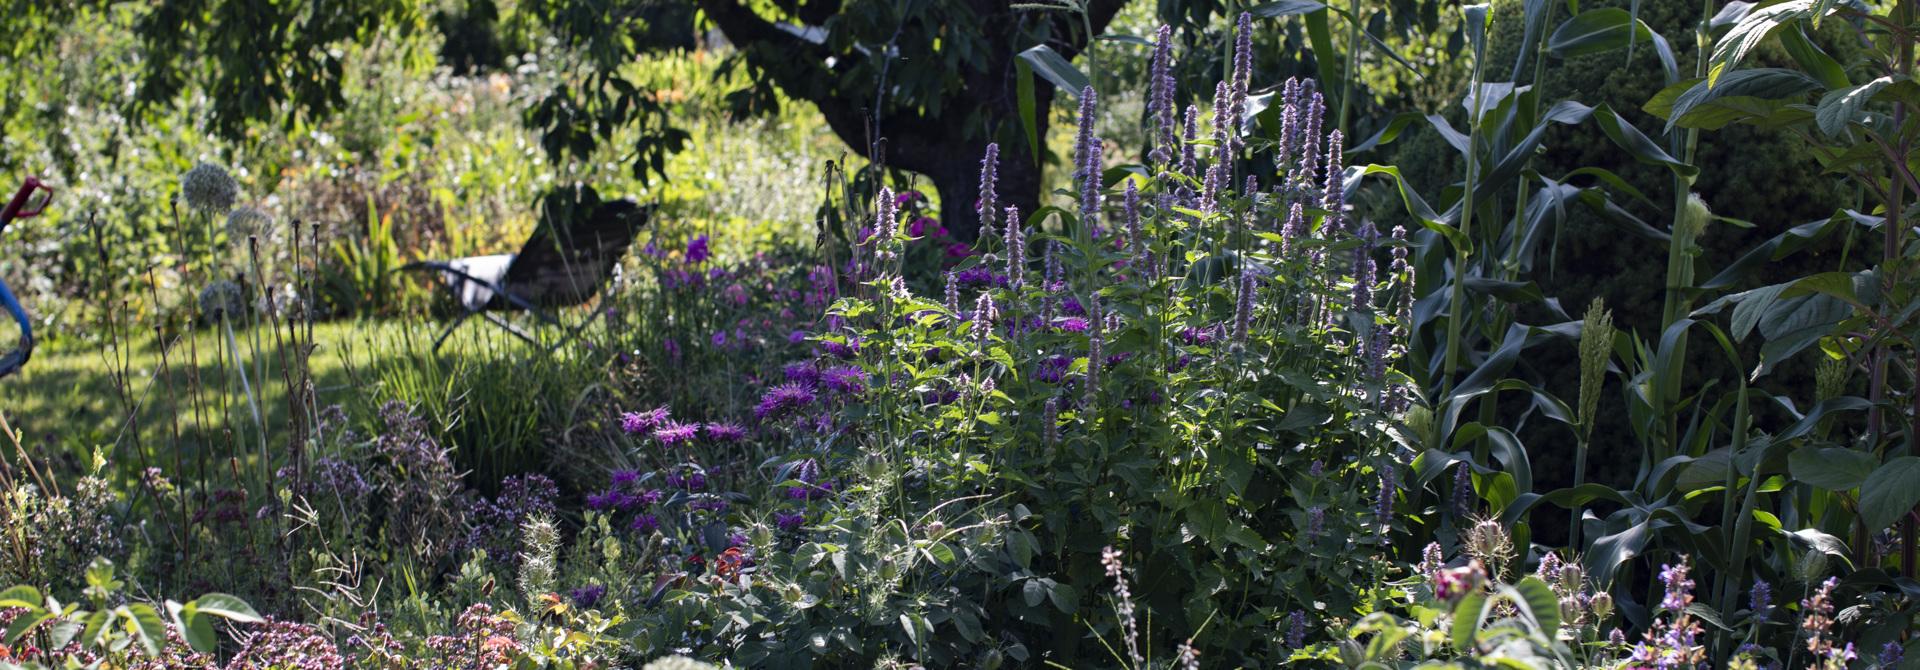 Vielfalt im Permakulturgarten - auch im eigenen Hausgarten mu00f6glich.>